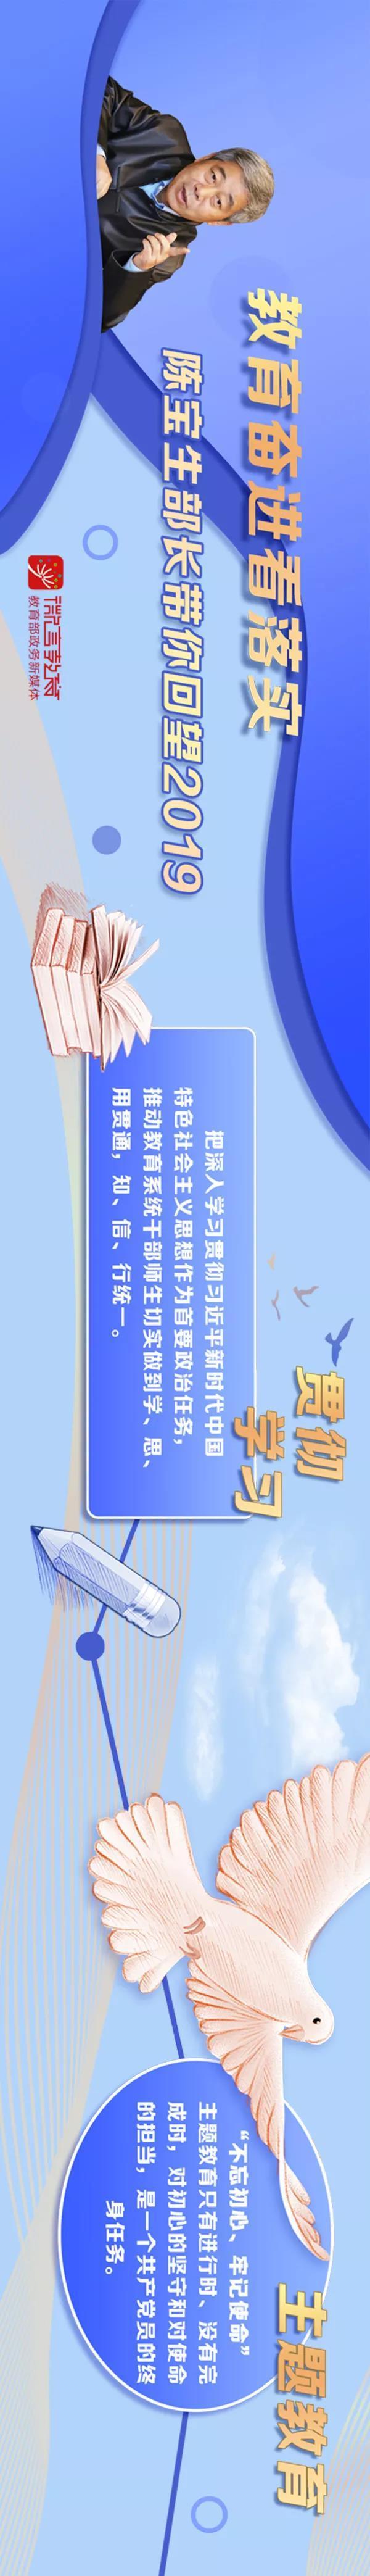 新年到!教育部长陈宝生送来2020新年祝福